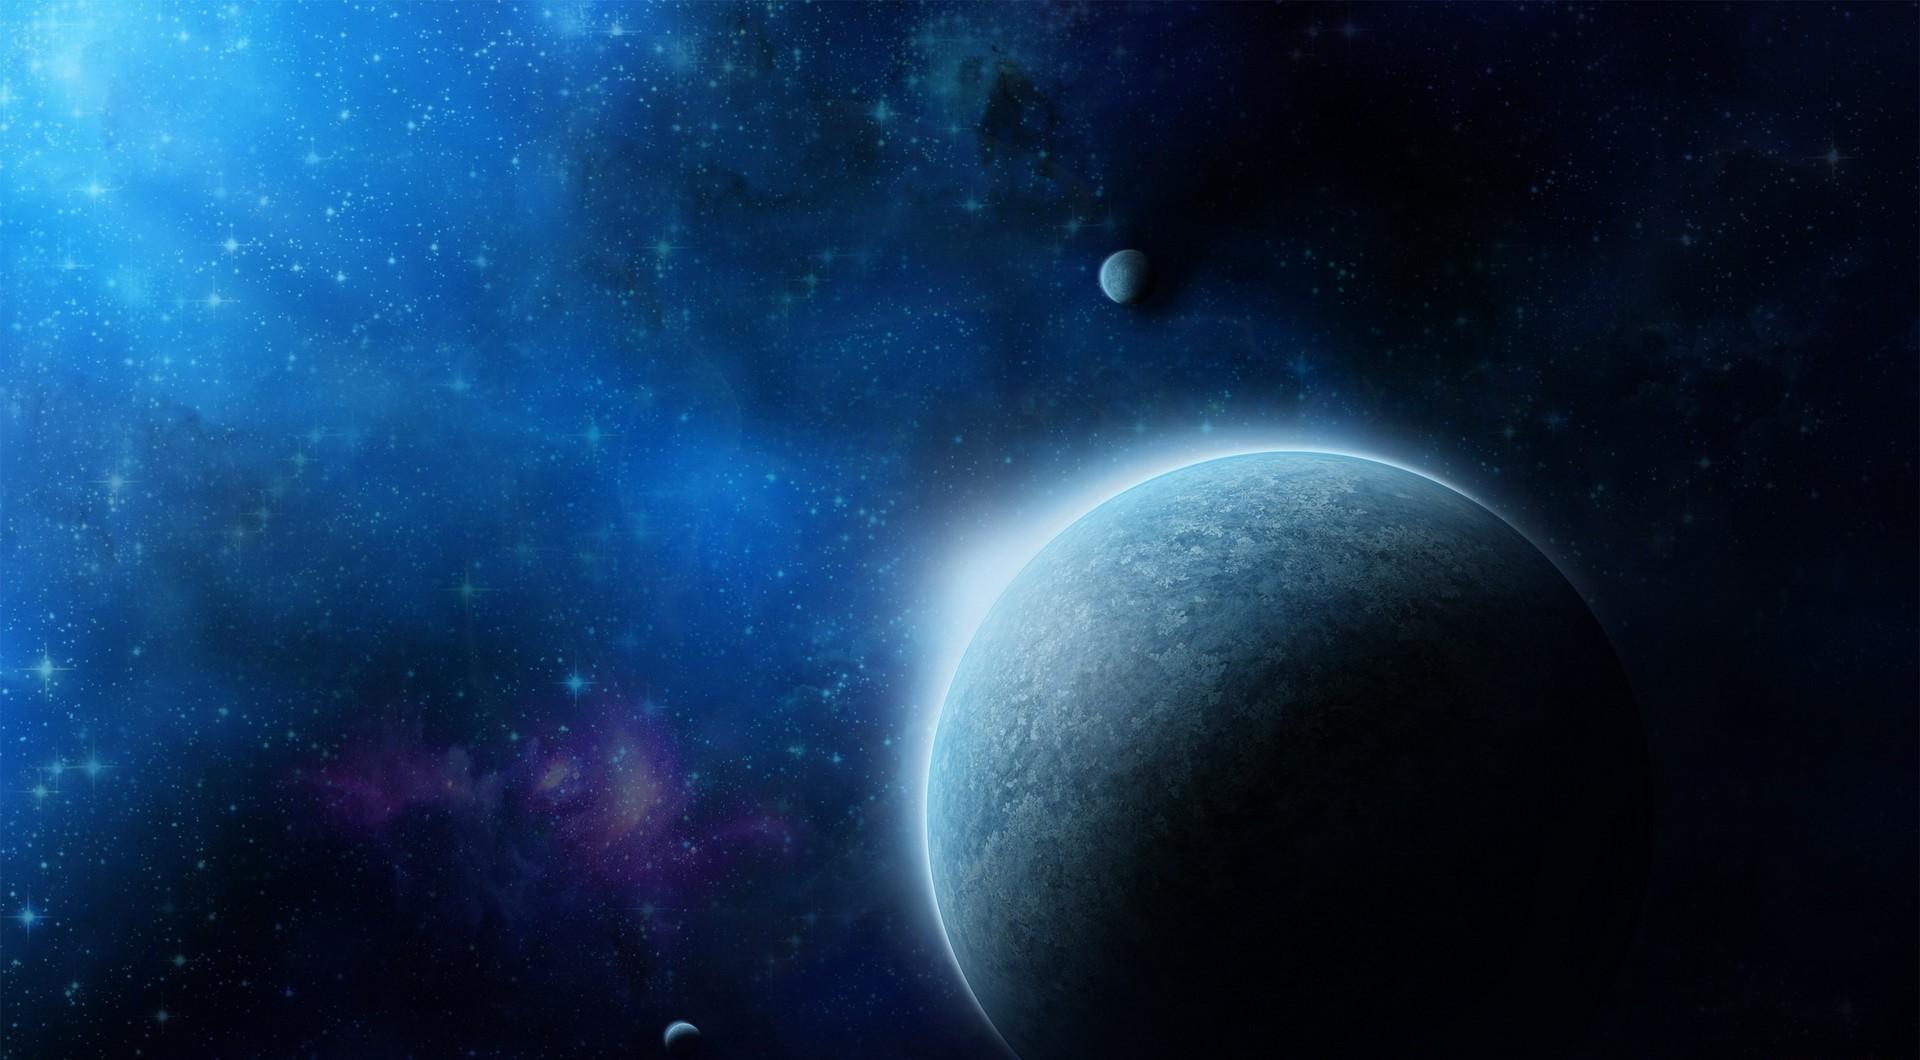 120867 Заставки и Обои Планеты на телефон. Скачать Вселенная, Планеты, Космос, Звезды, Туманность, Галактика картинки бесплатно